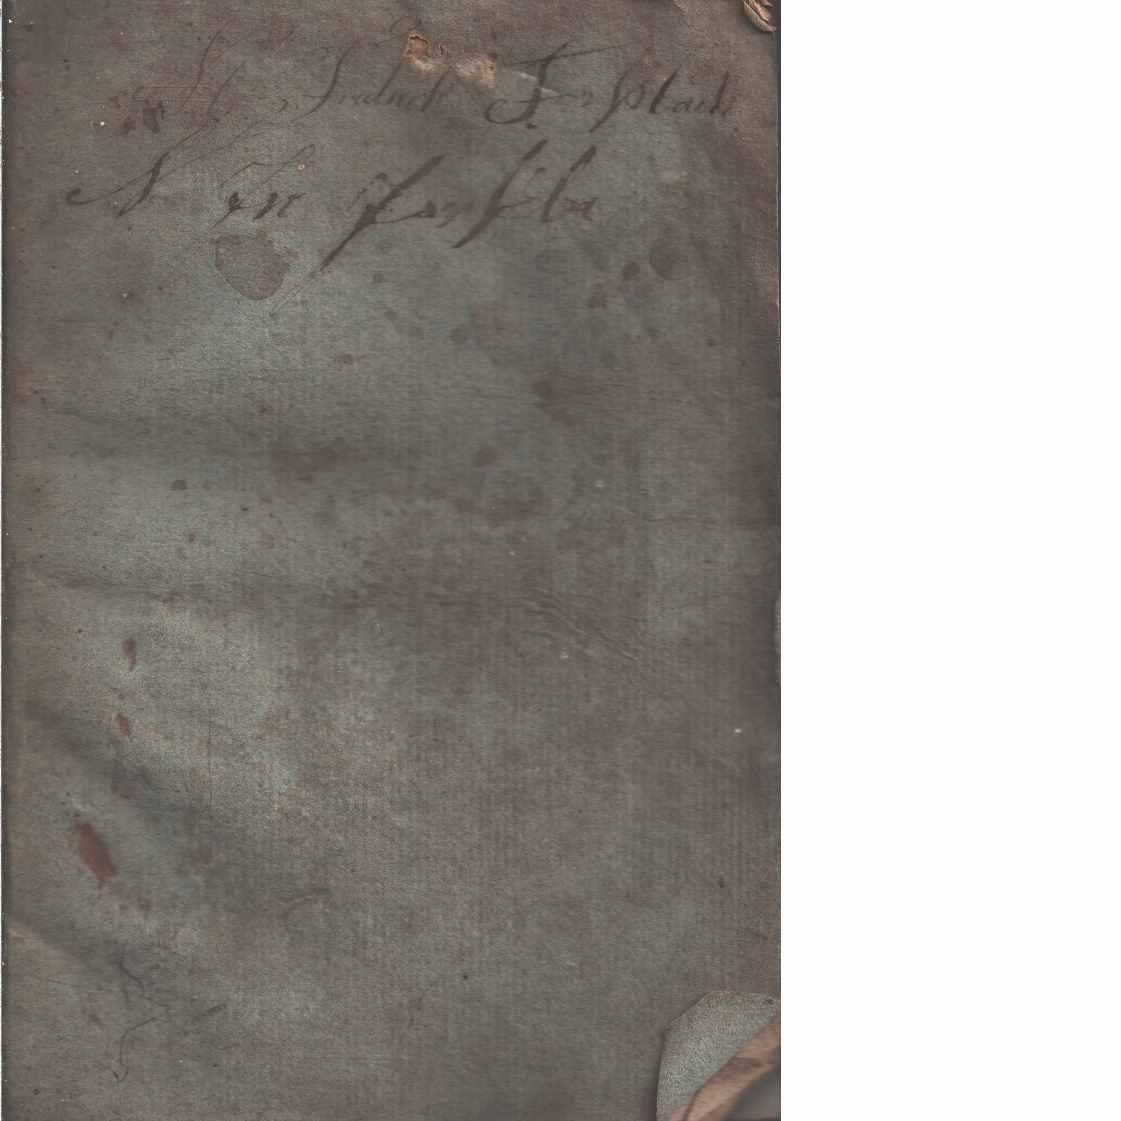 Yttrande om lerhusbyggnader  - Lengblom, Chr.